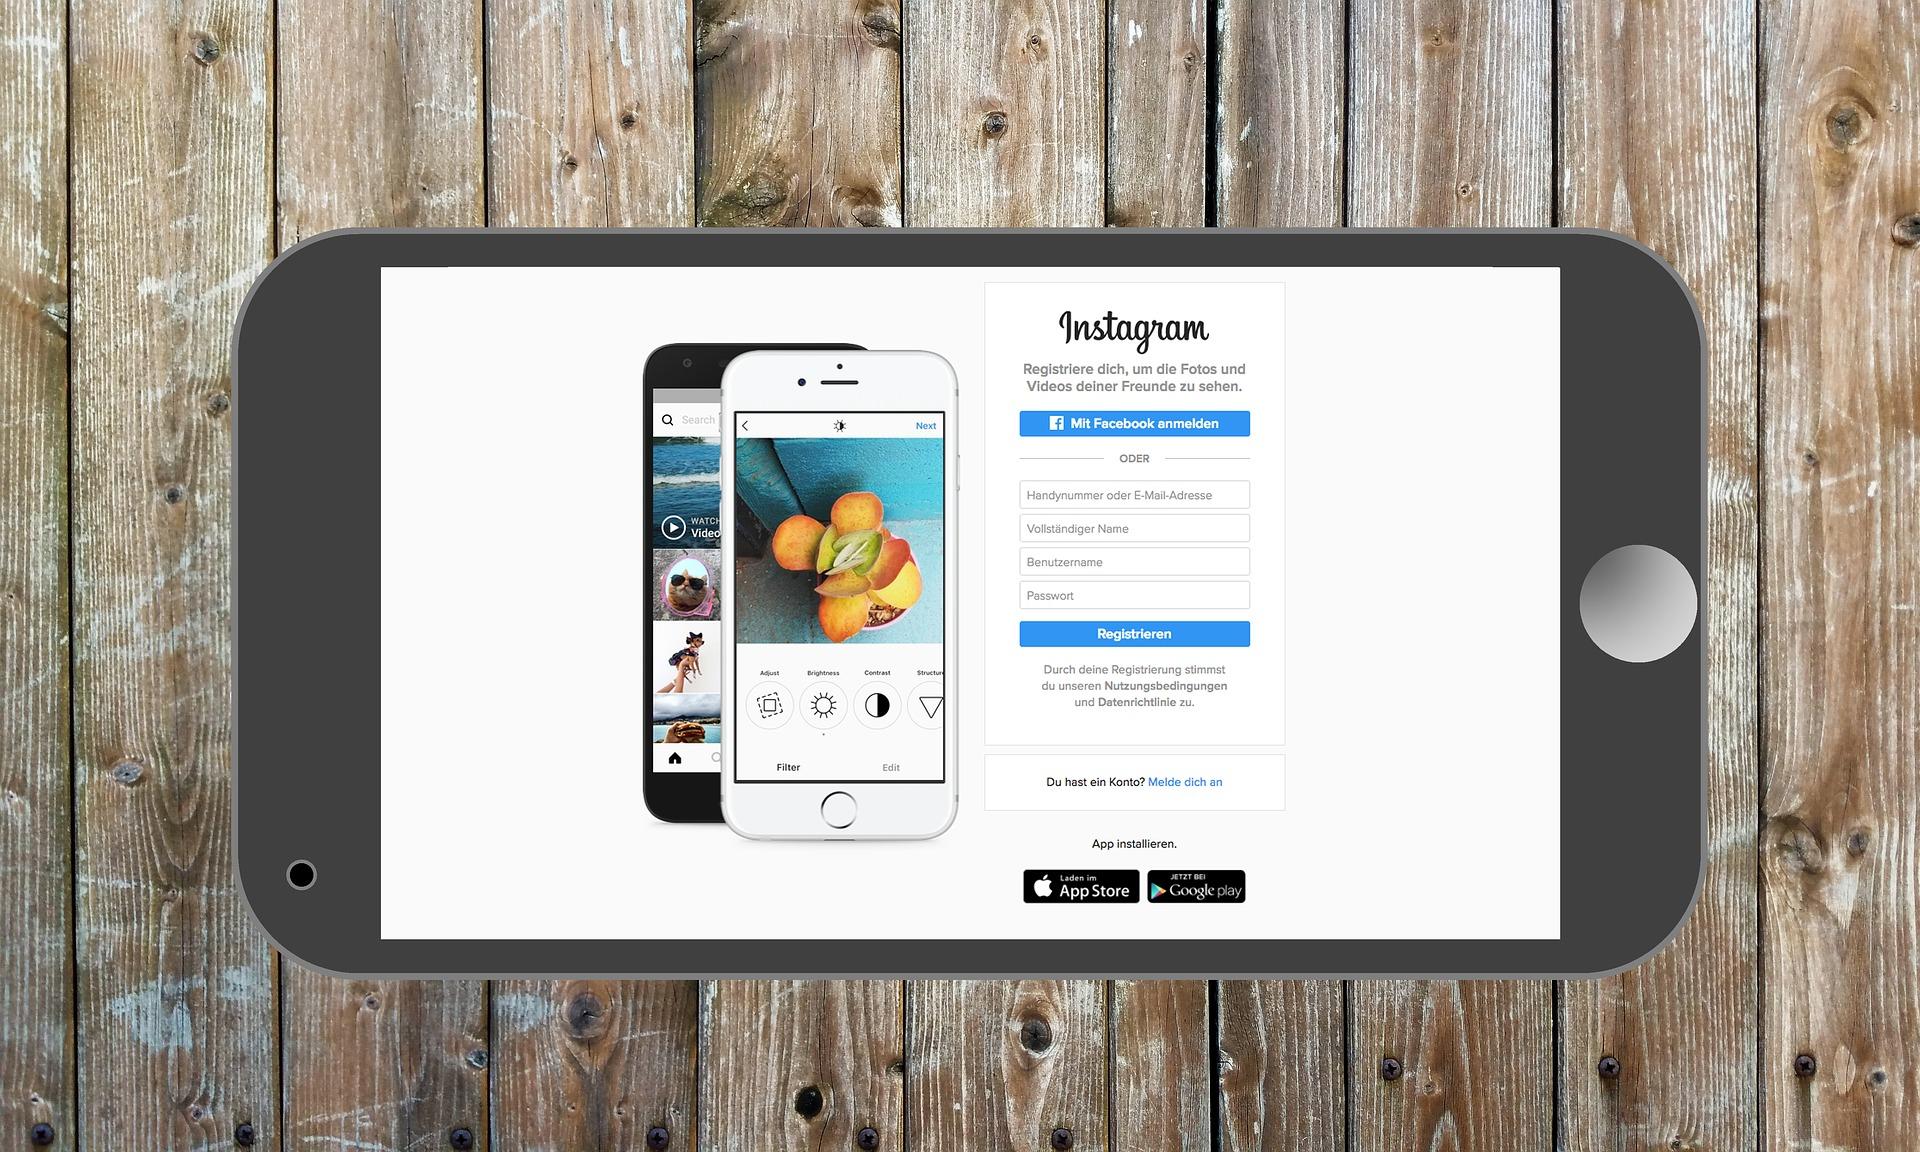 Тепер значок верифікації в Instagram може отримати кожен. Майже кожен